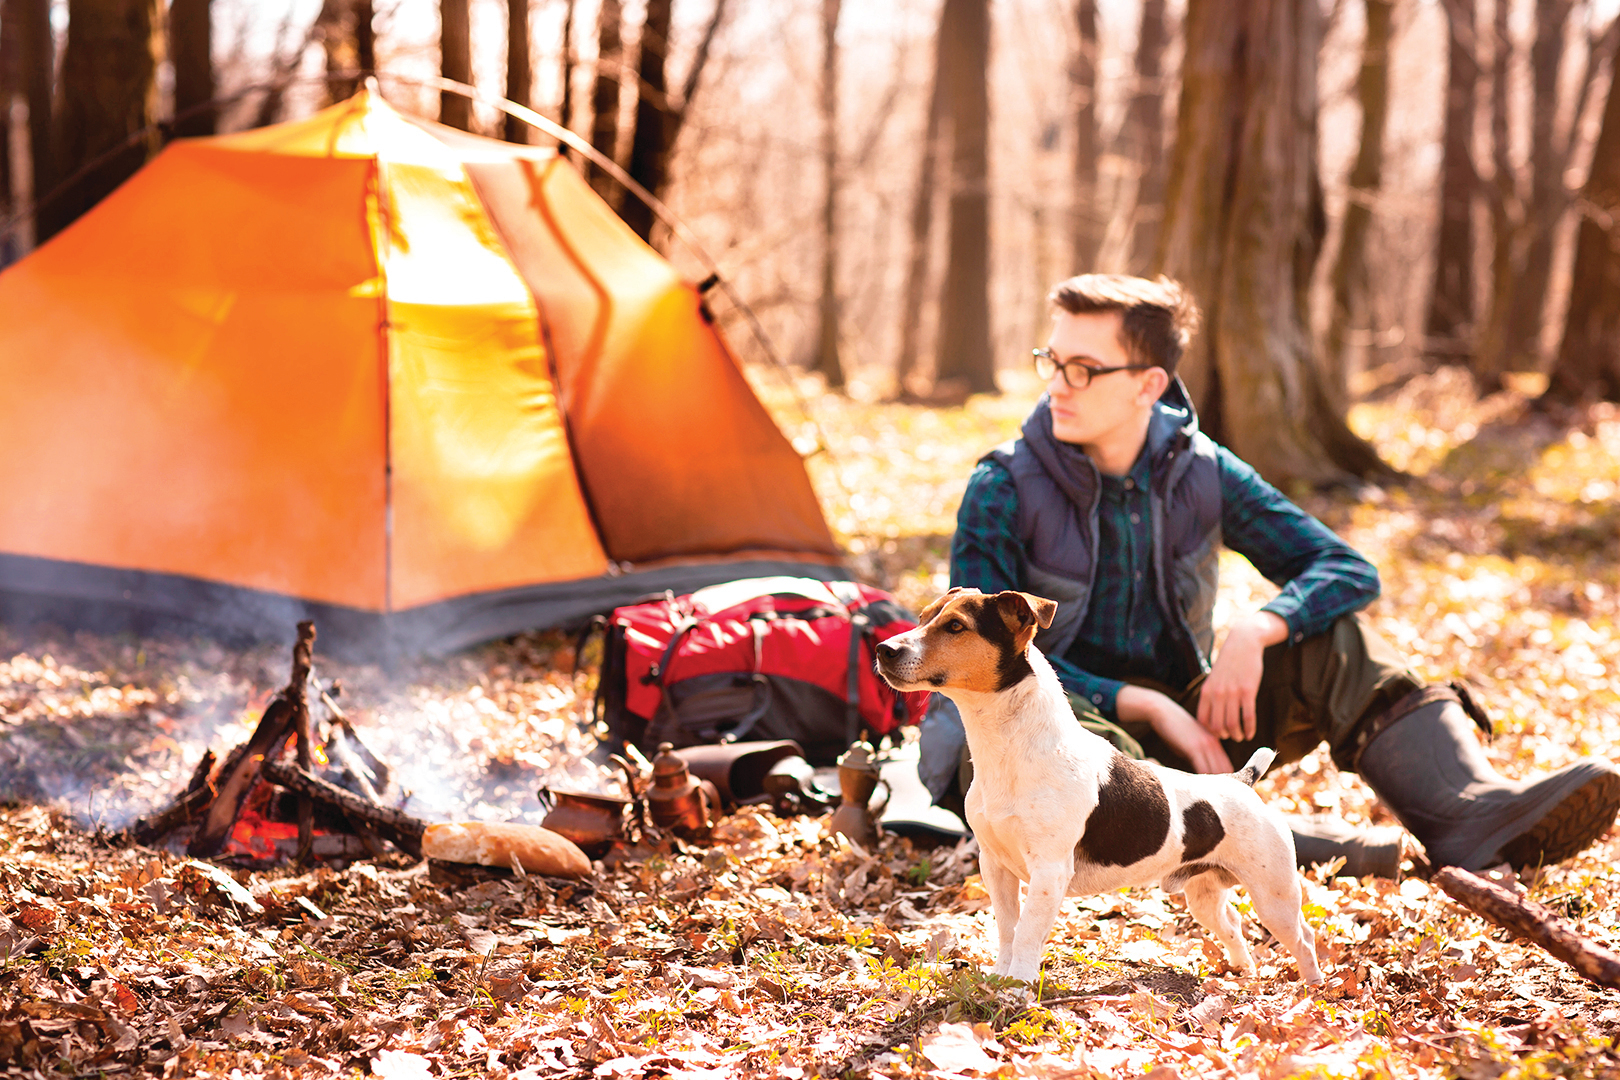 在露營區紮營,玩累了就睡在大自然中。